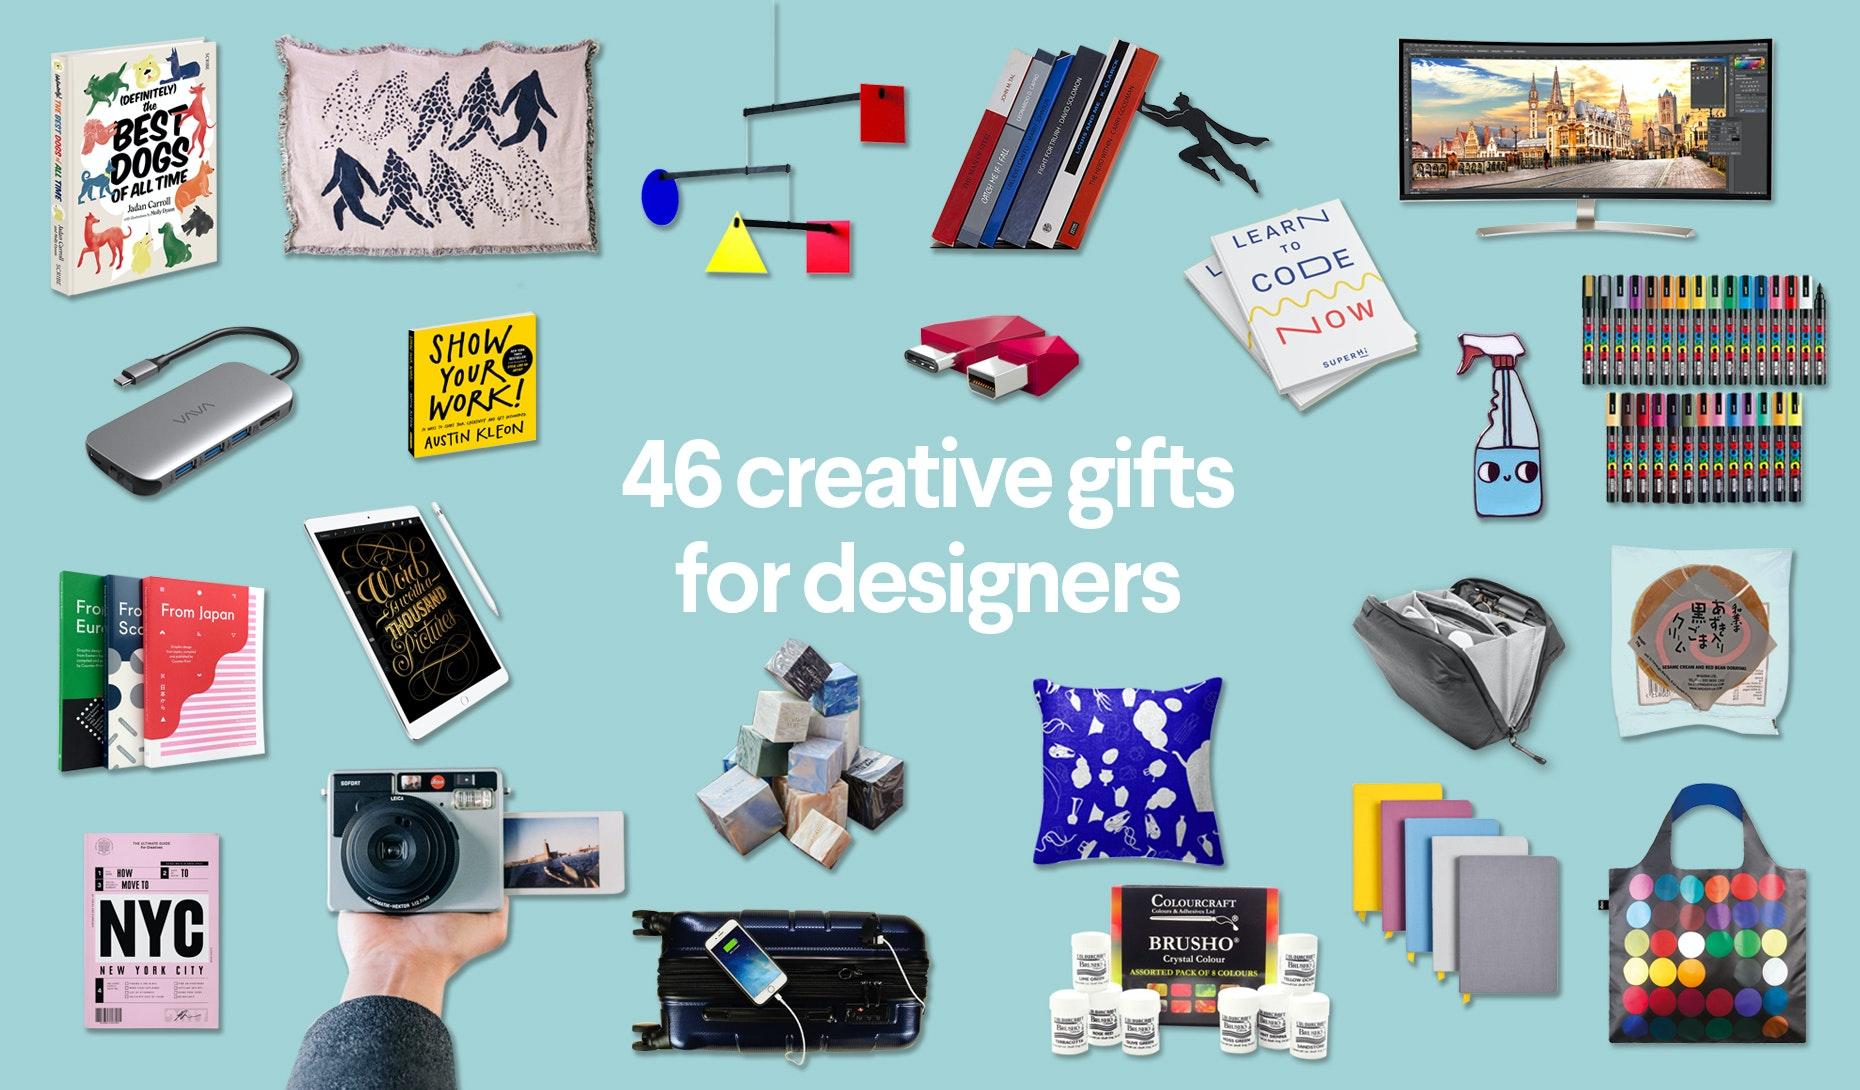 Kreative geschenkideen fur grafiker und designer